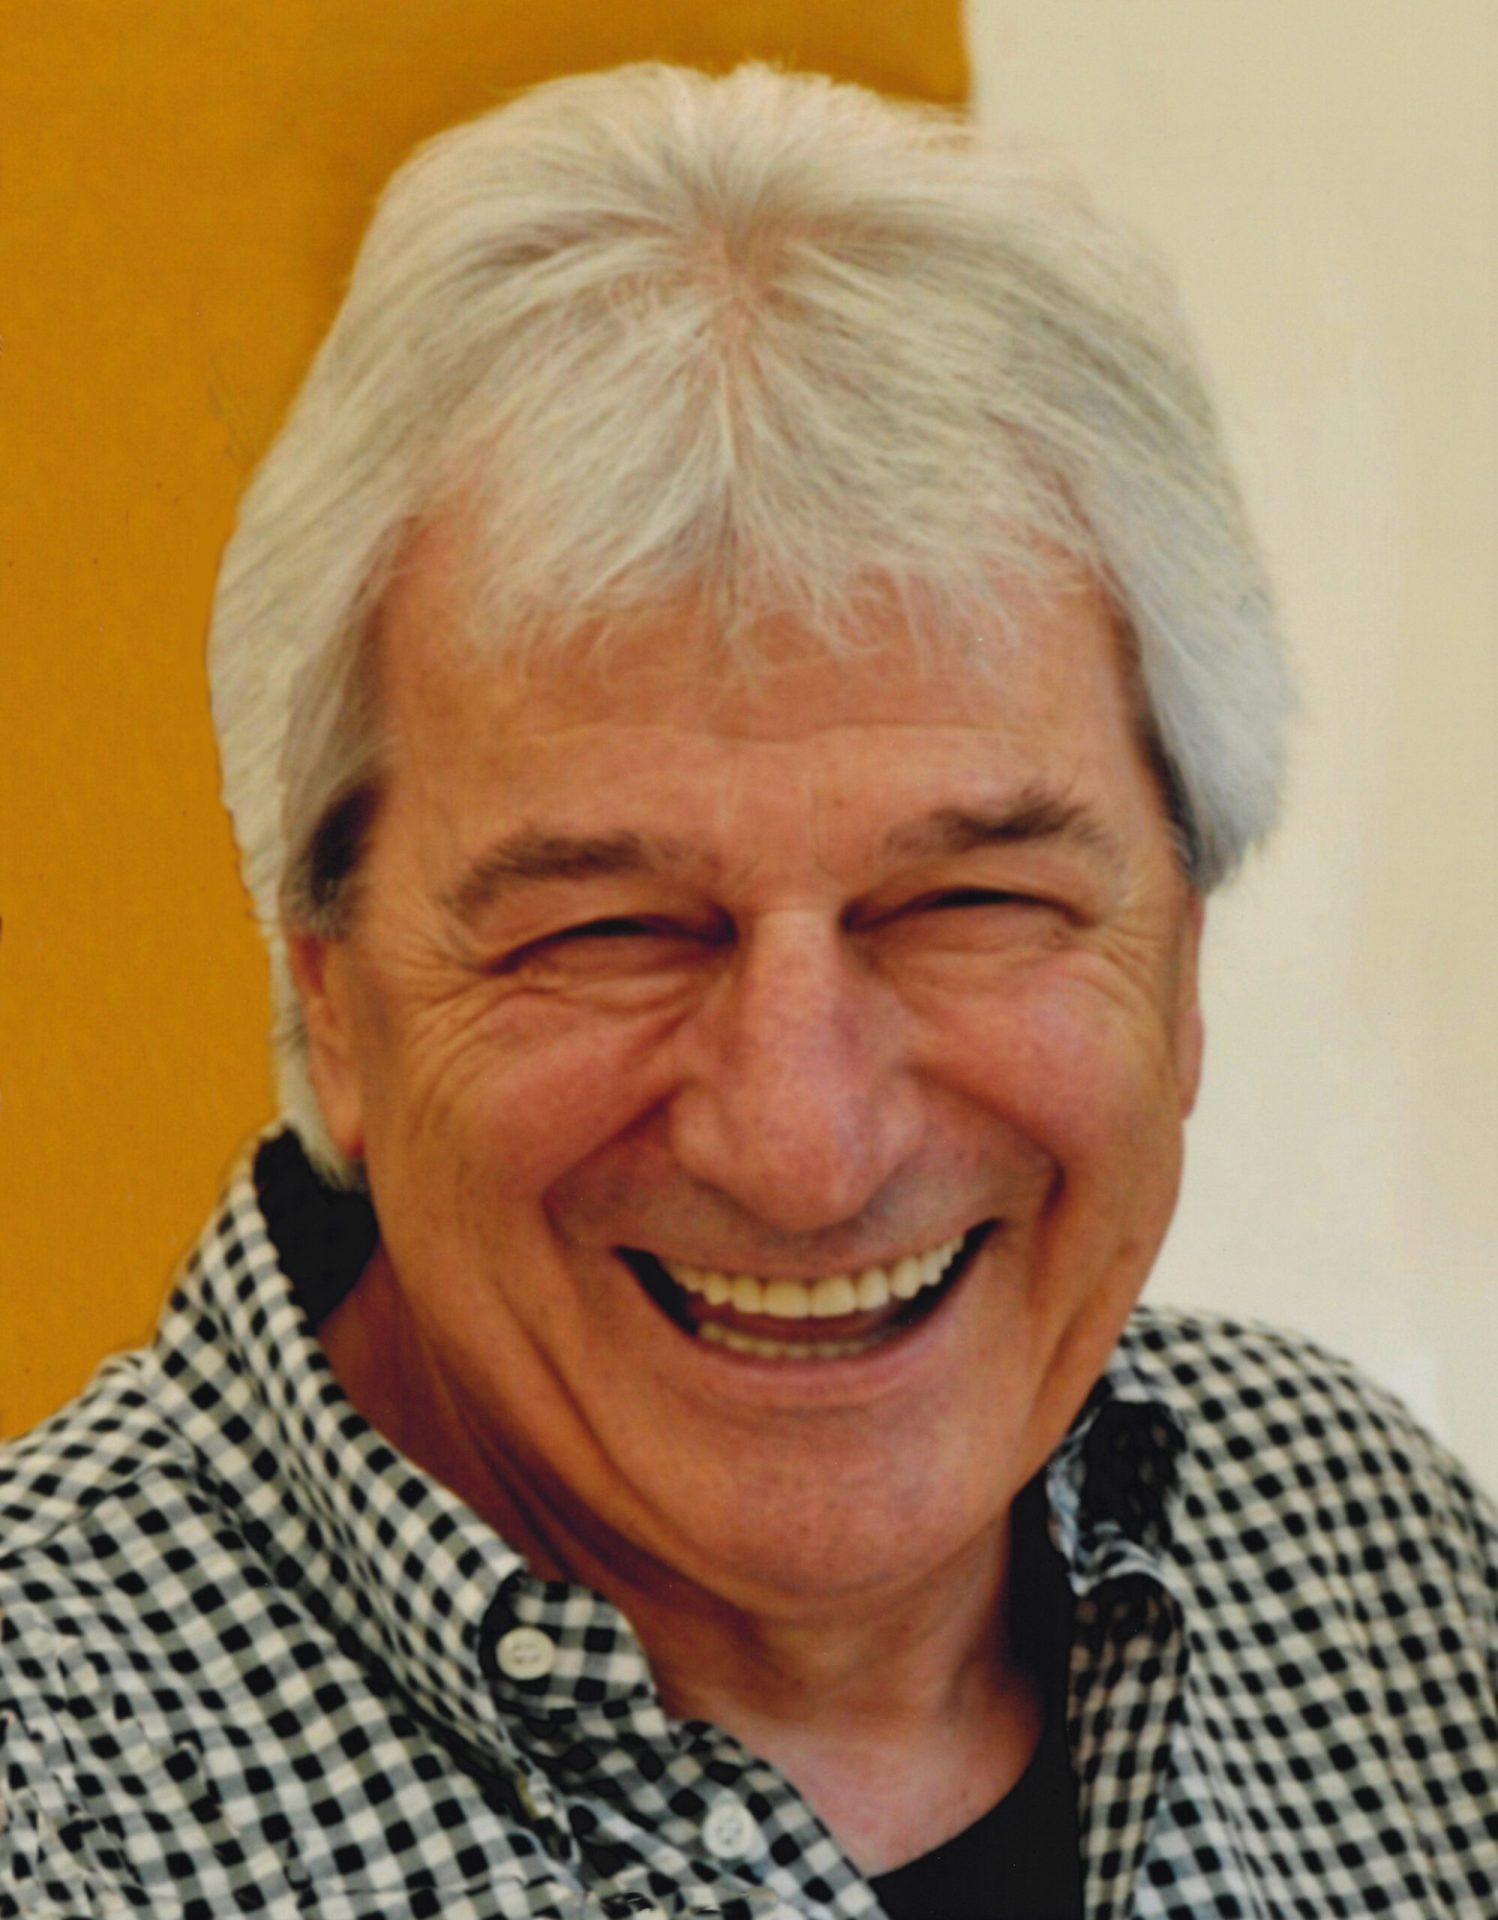 Carlo Concina